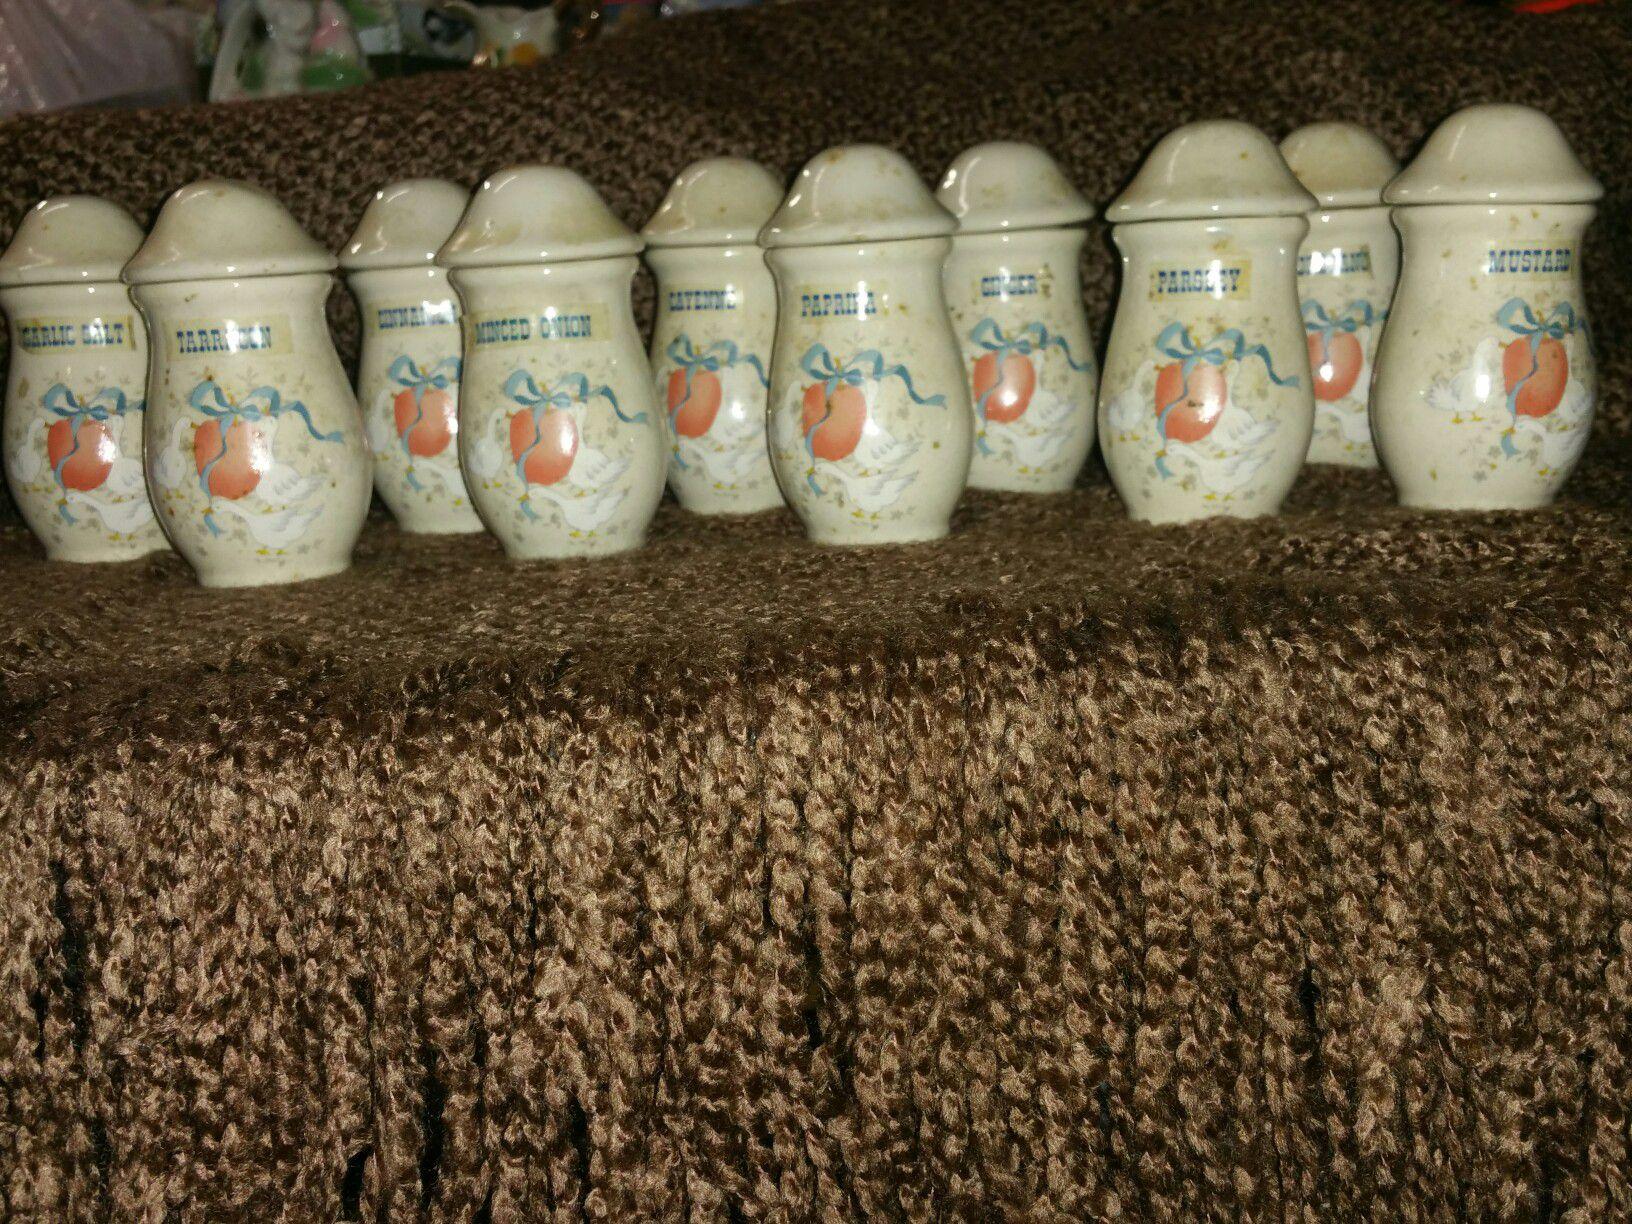 Vintage Geese & Apples spice jars